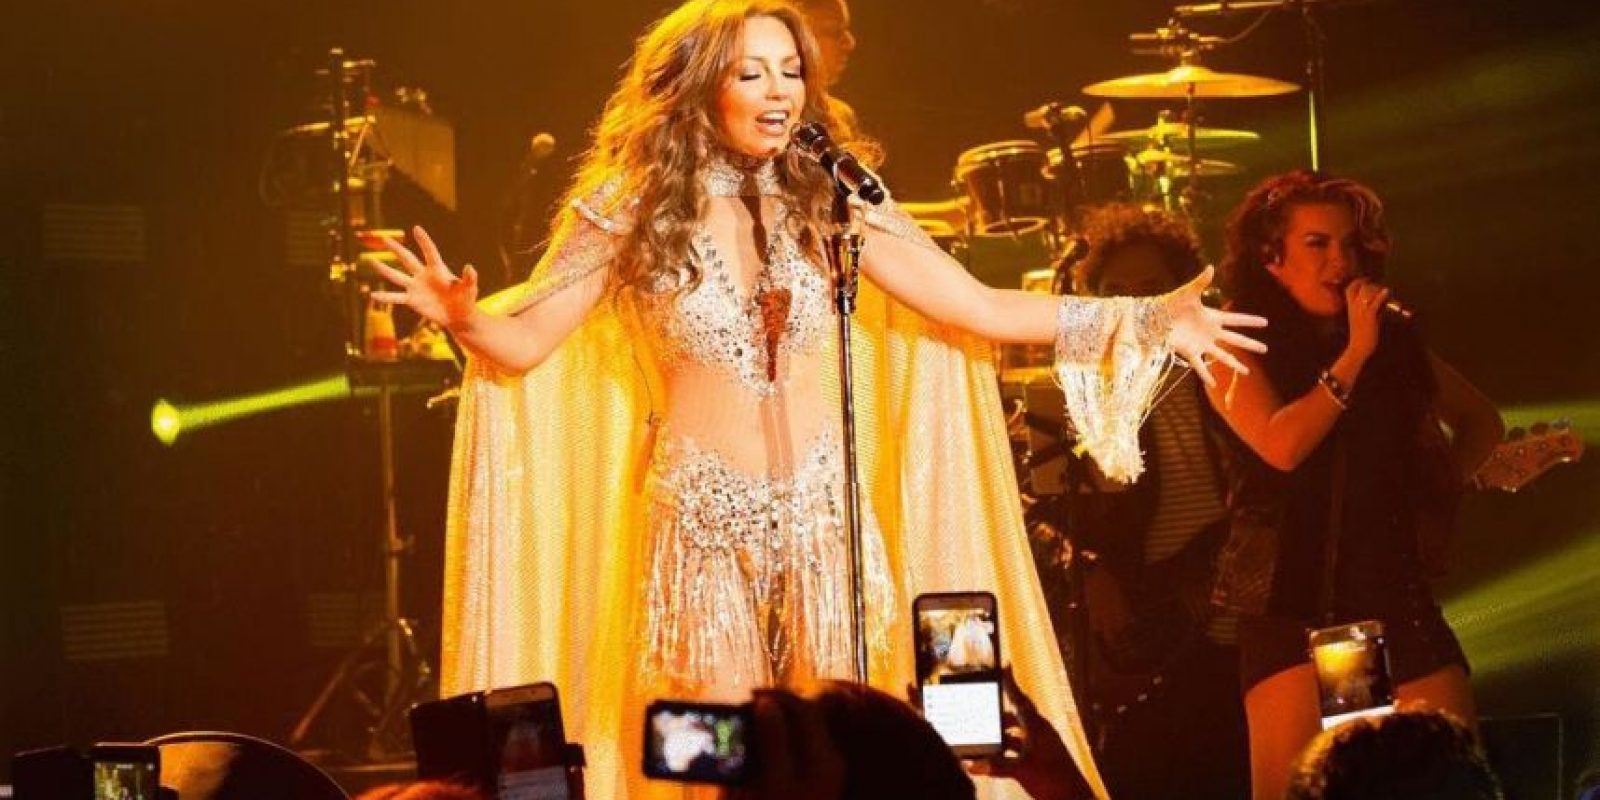 La cantante demuestra el amor por sus fans Foto:Instagram